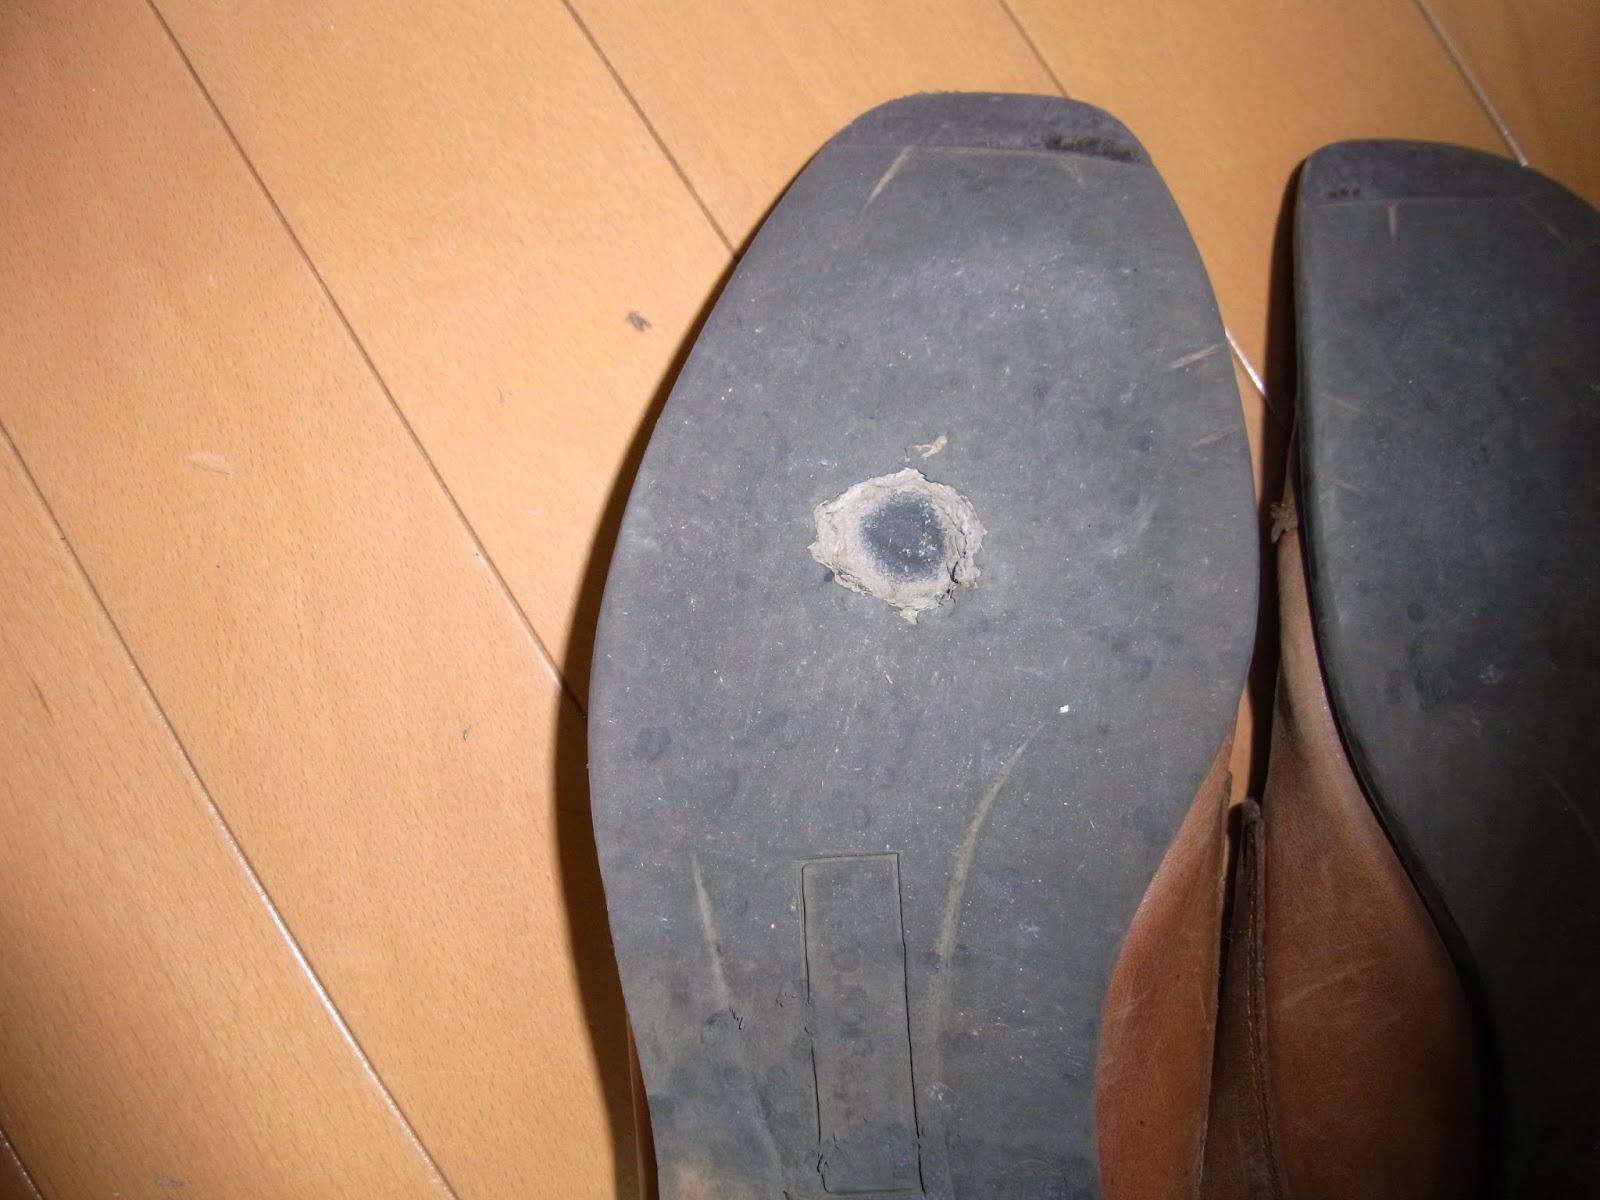 ある時、何気なくその革靴の底をみたところ写真にあるように一円玉サイズの穴が開いていて中敷き一枚でもちこたえていたという感じでした。